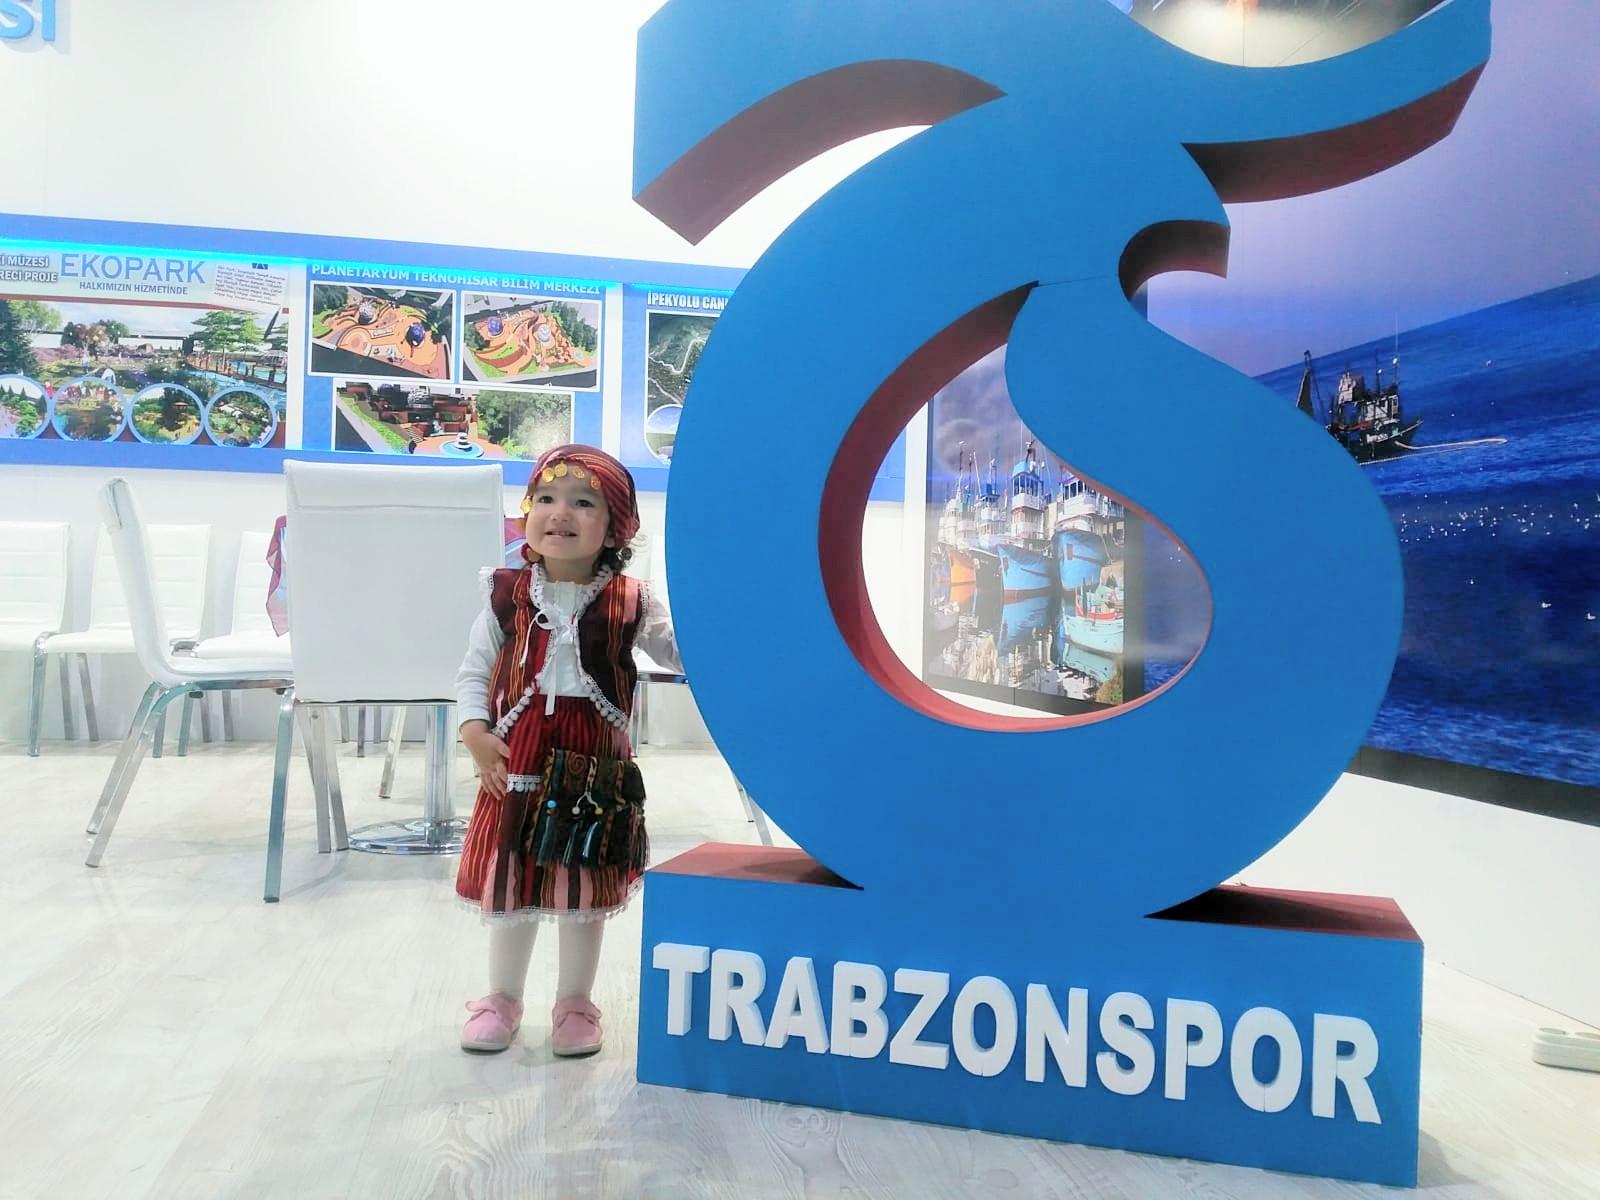 Trabzon Yenikapı günleri muhteşem başladı